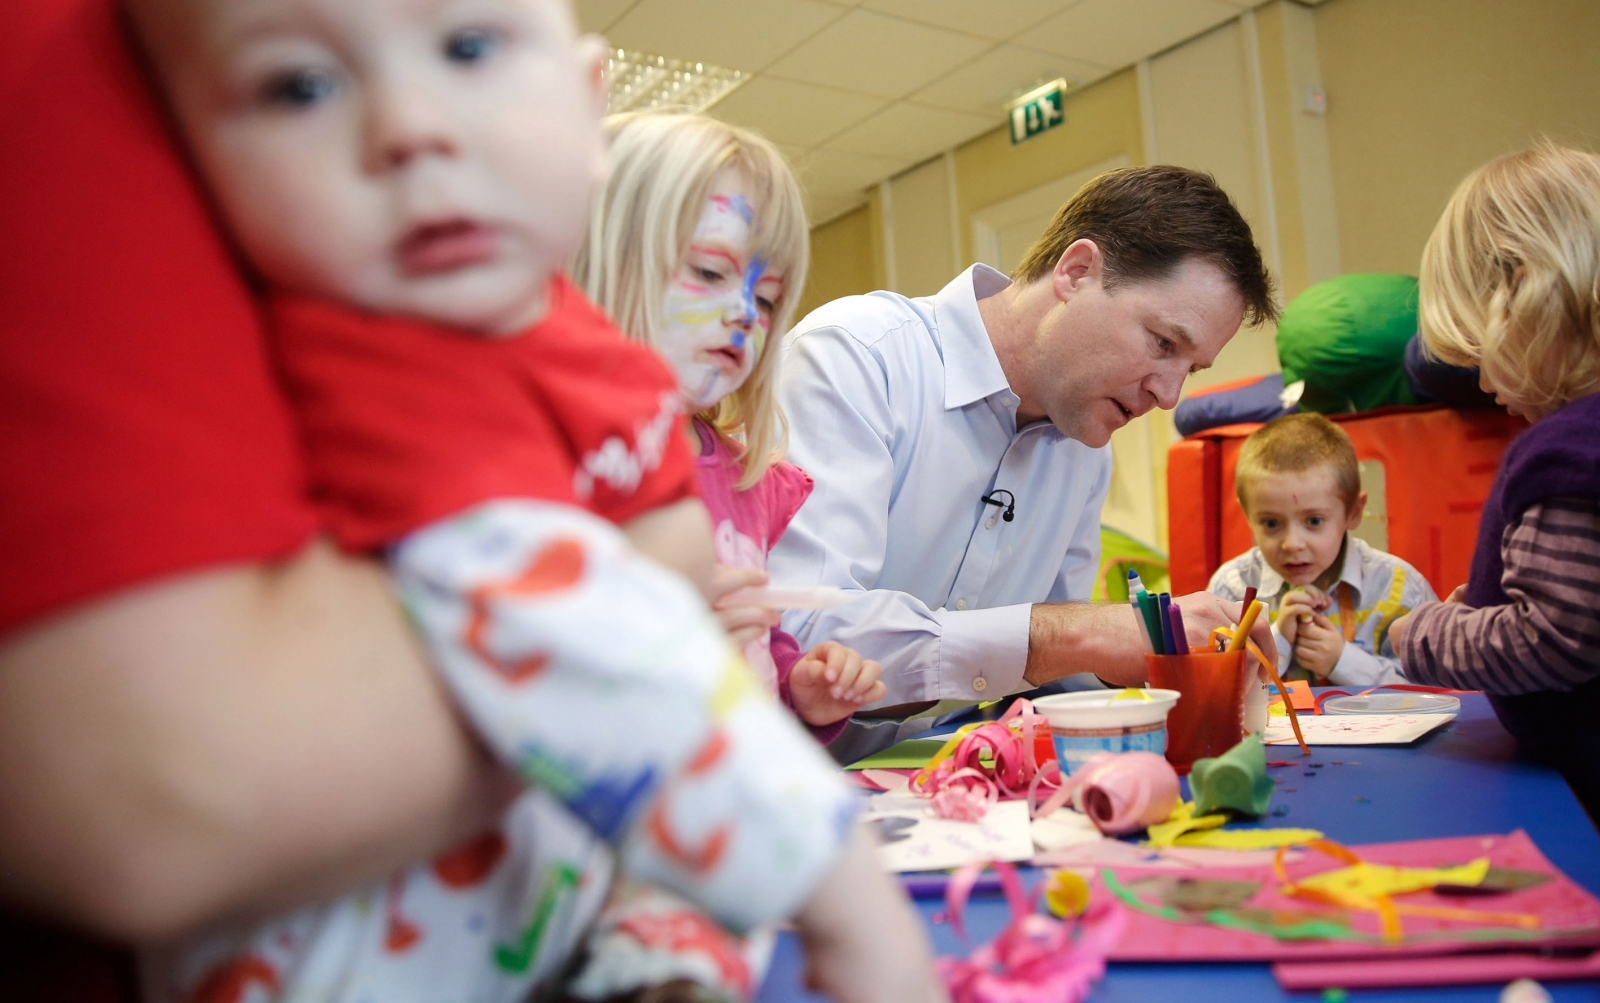 Nick Clegg Children